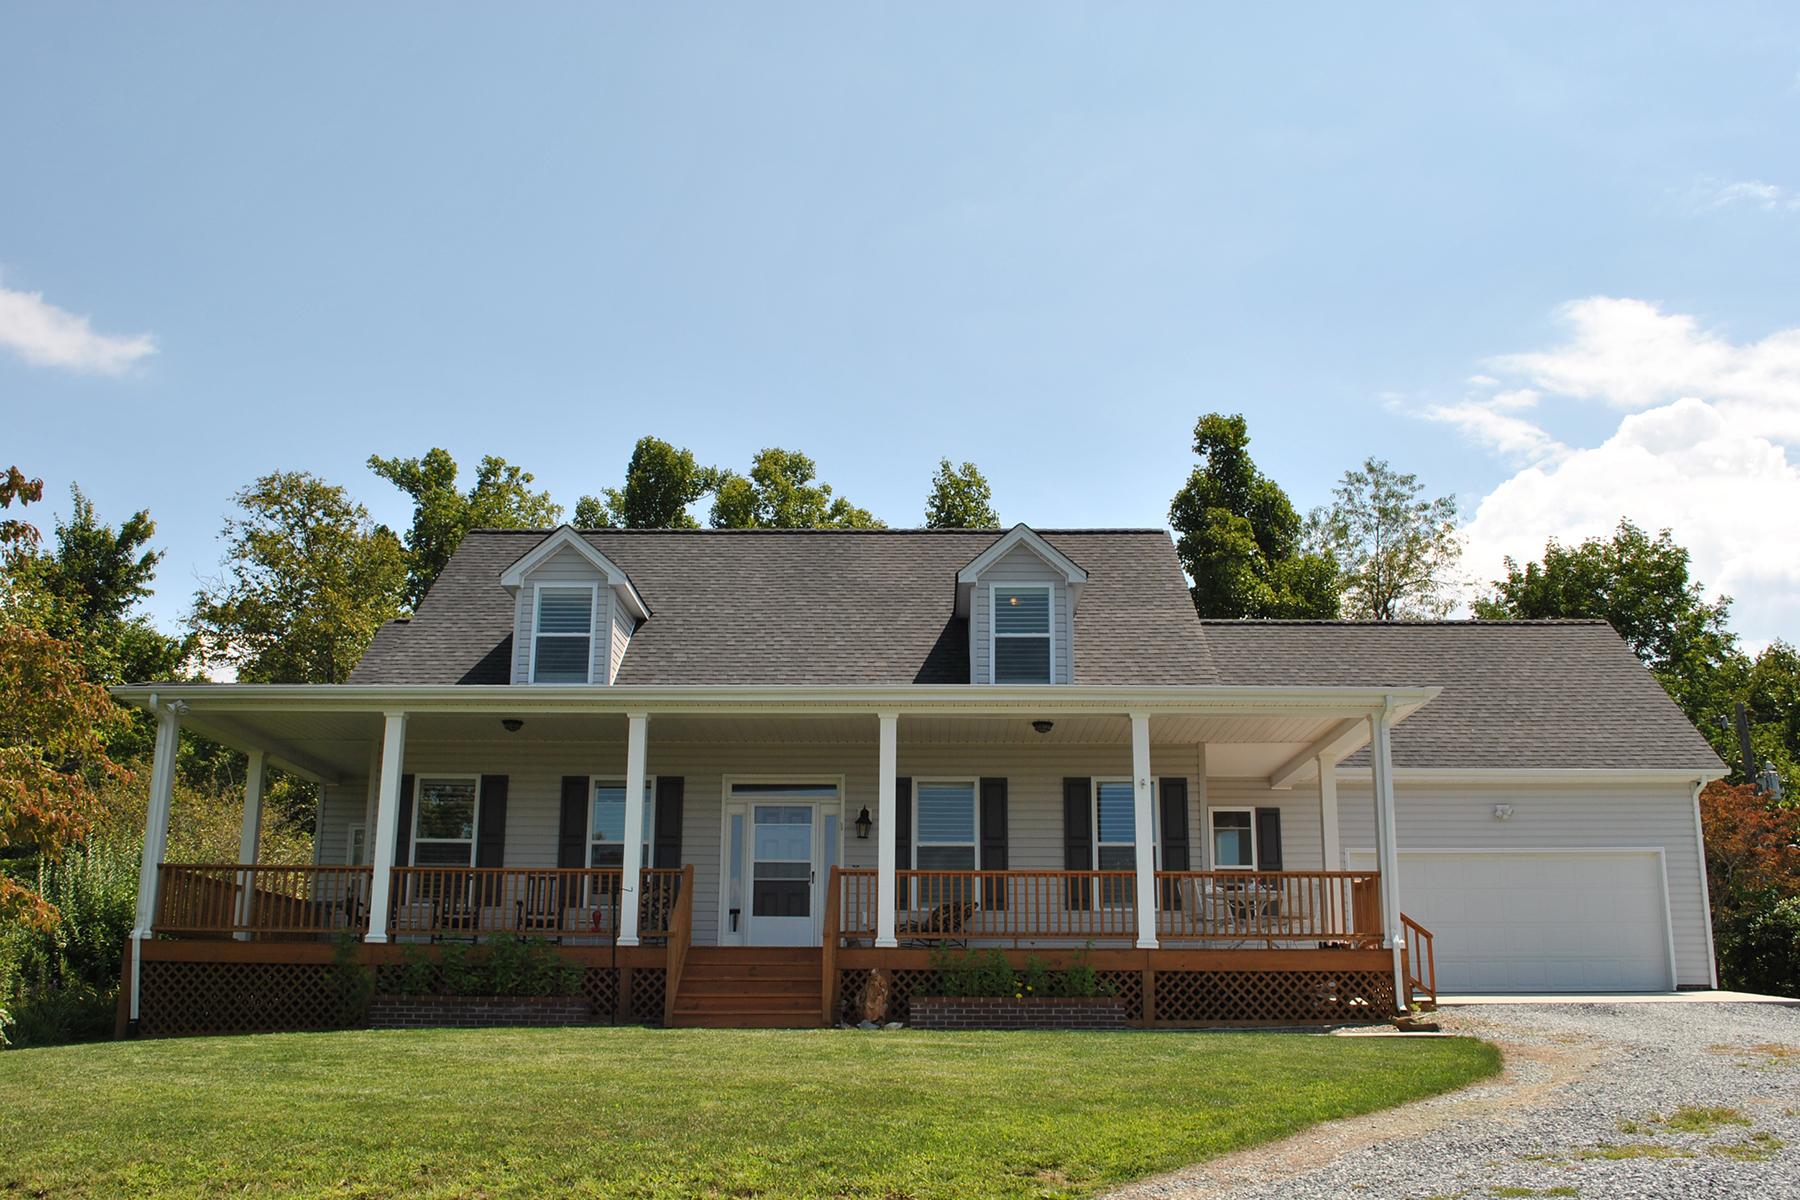 단독 가정 주택 용 매매 에 MOUNTAIN ESTATE 311 Crestridge Lane Ln Boone, 노스캐놀라이나 28607 미국